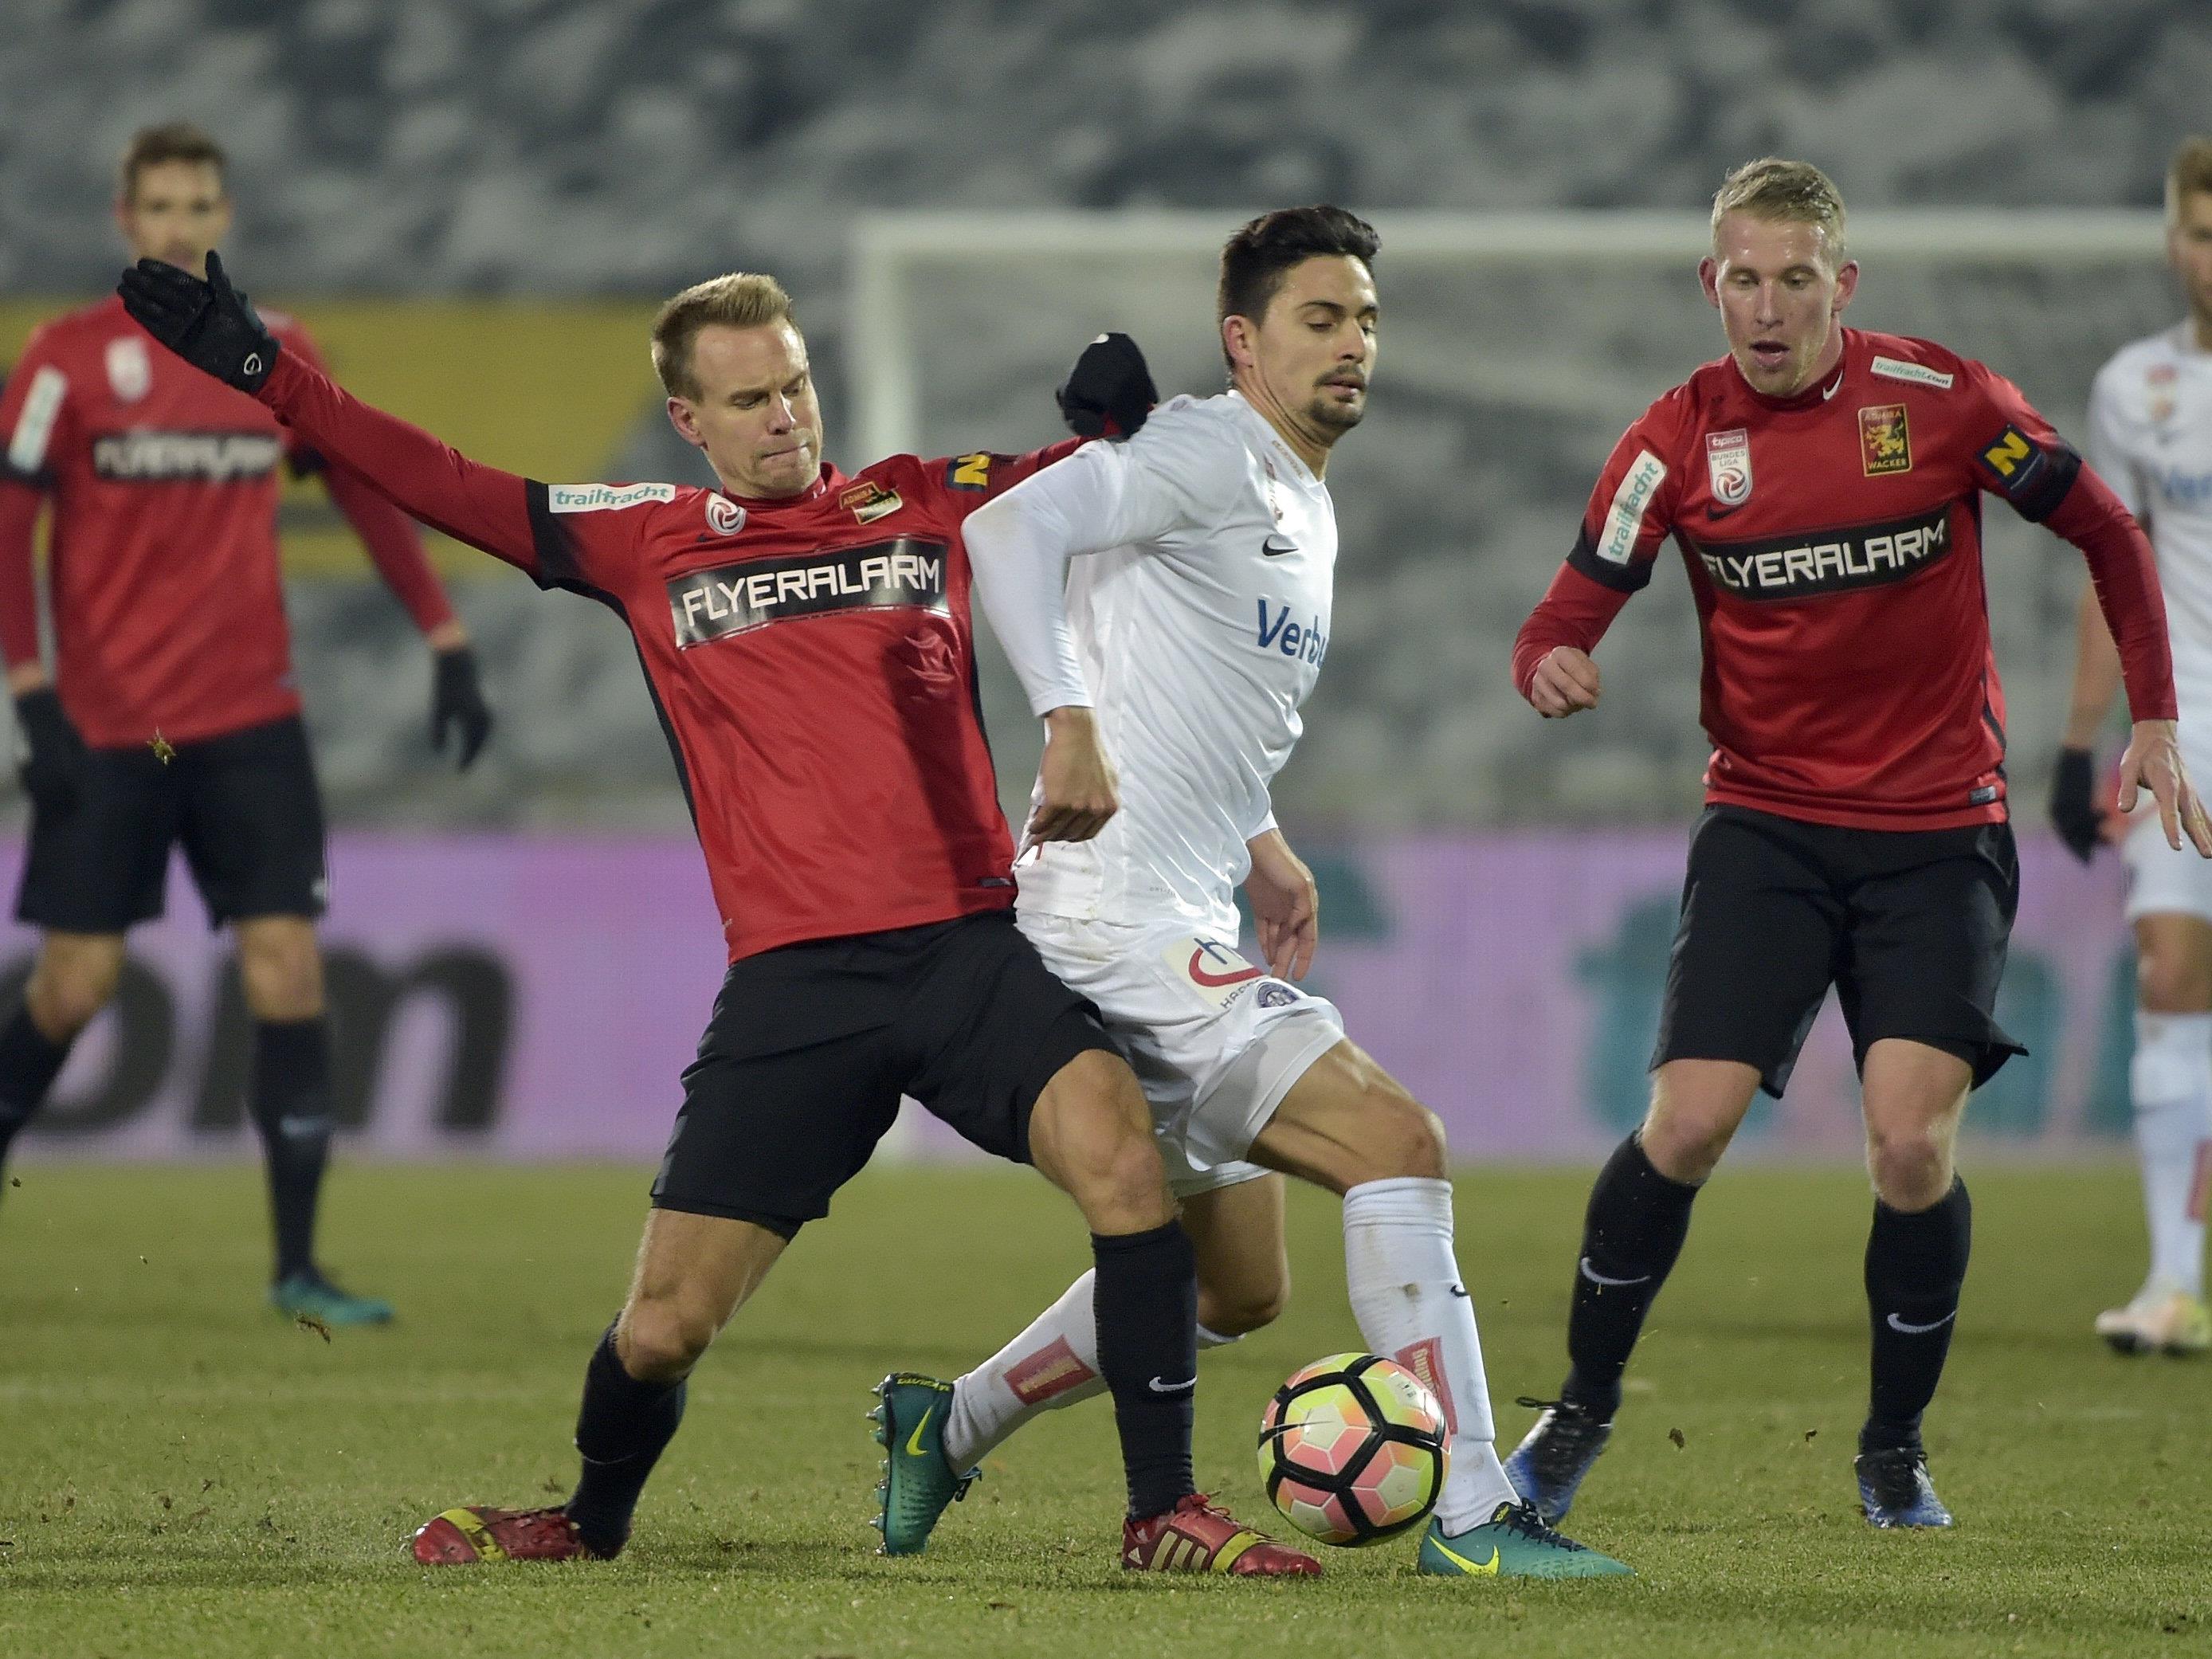 Die Wiener Austria siegte mit 2:0 gegen die Admira.